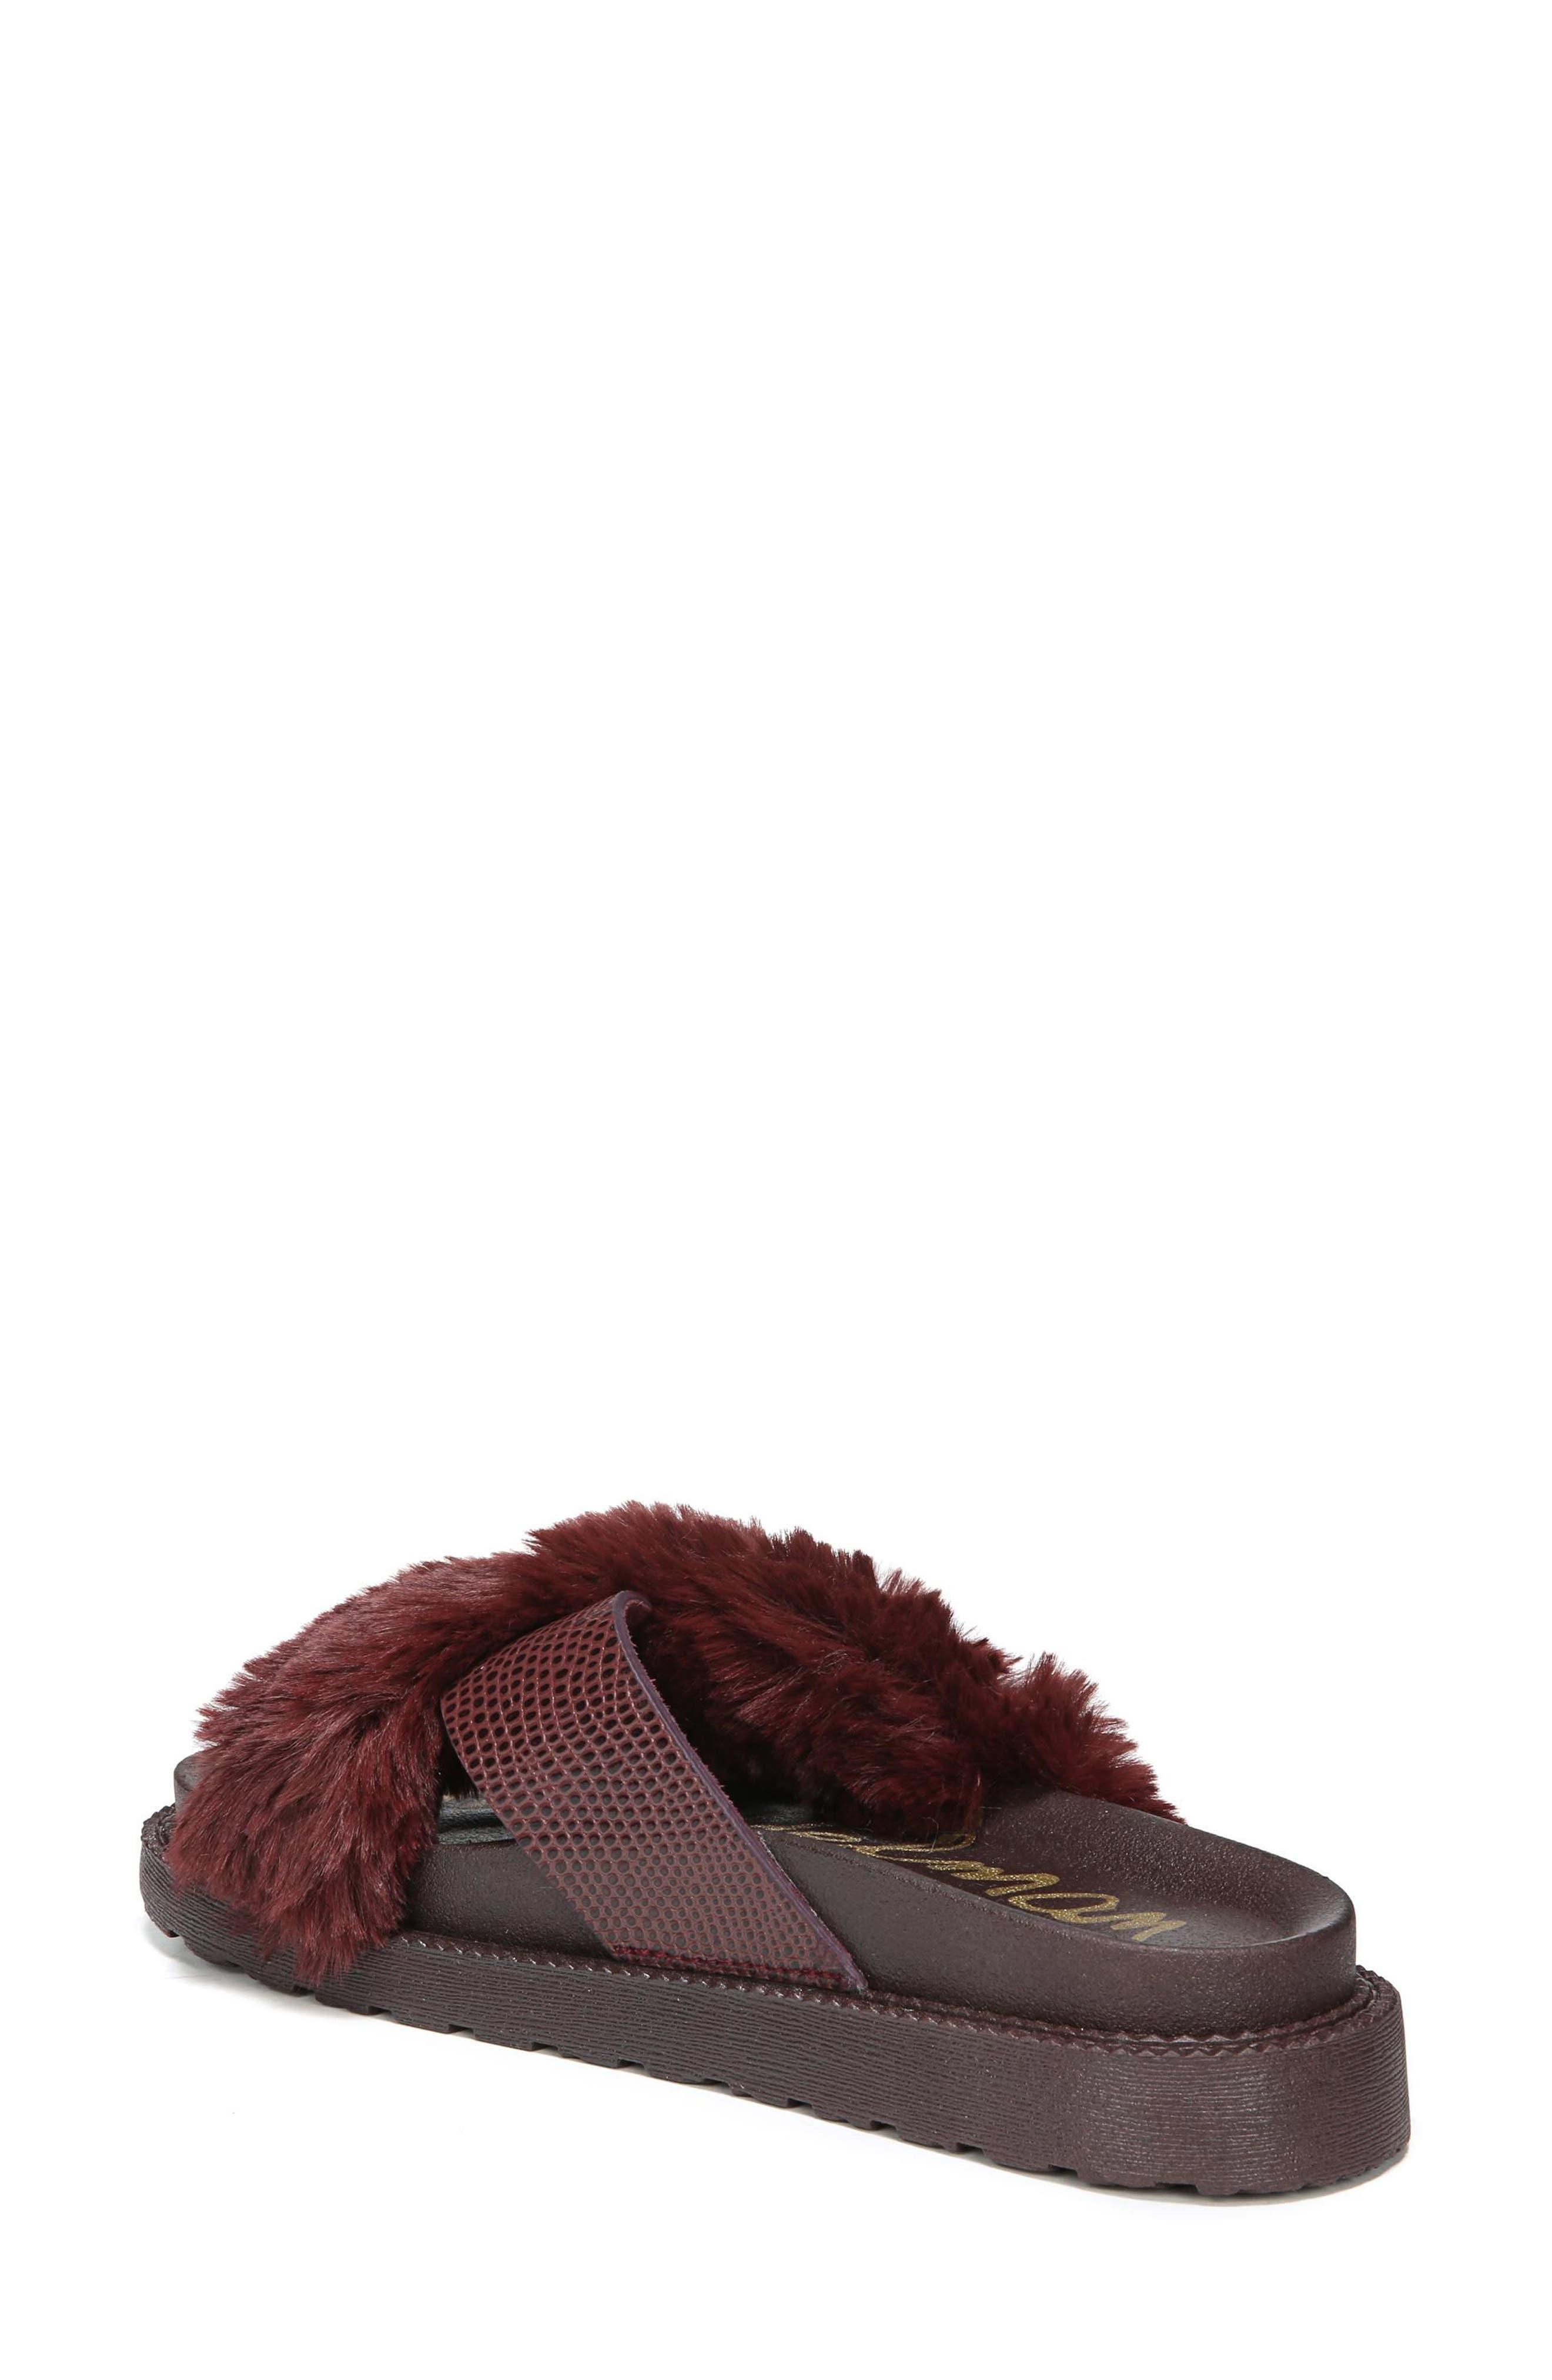 Alternate Image 2  - Sam Edelman Bianca Faux Fur Cross Strap Sandal (Women)